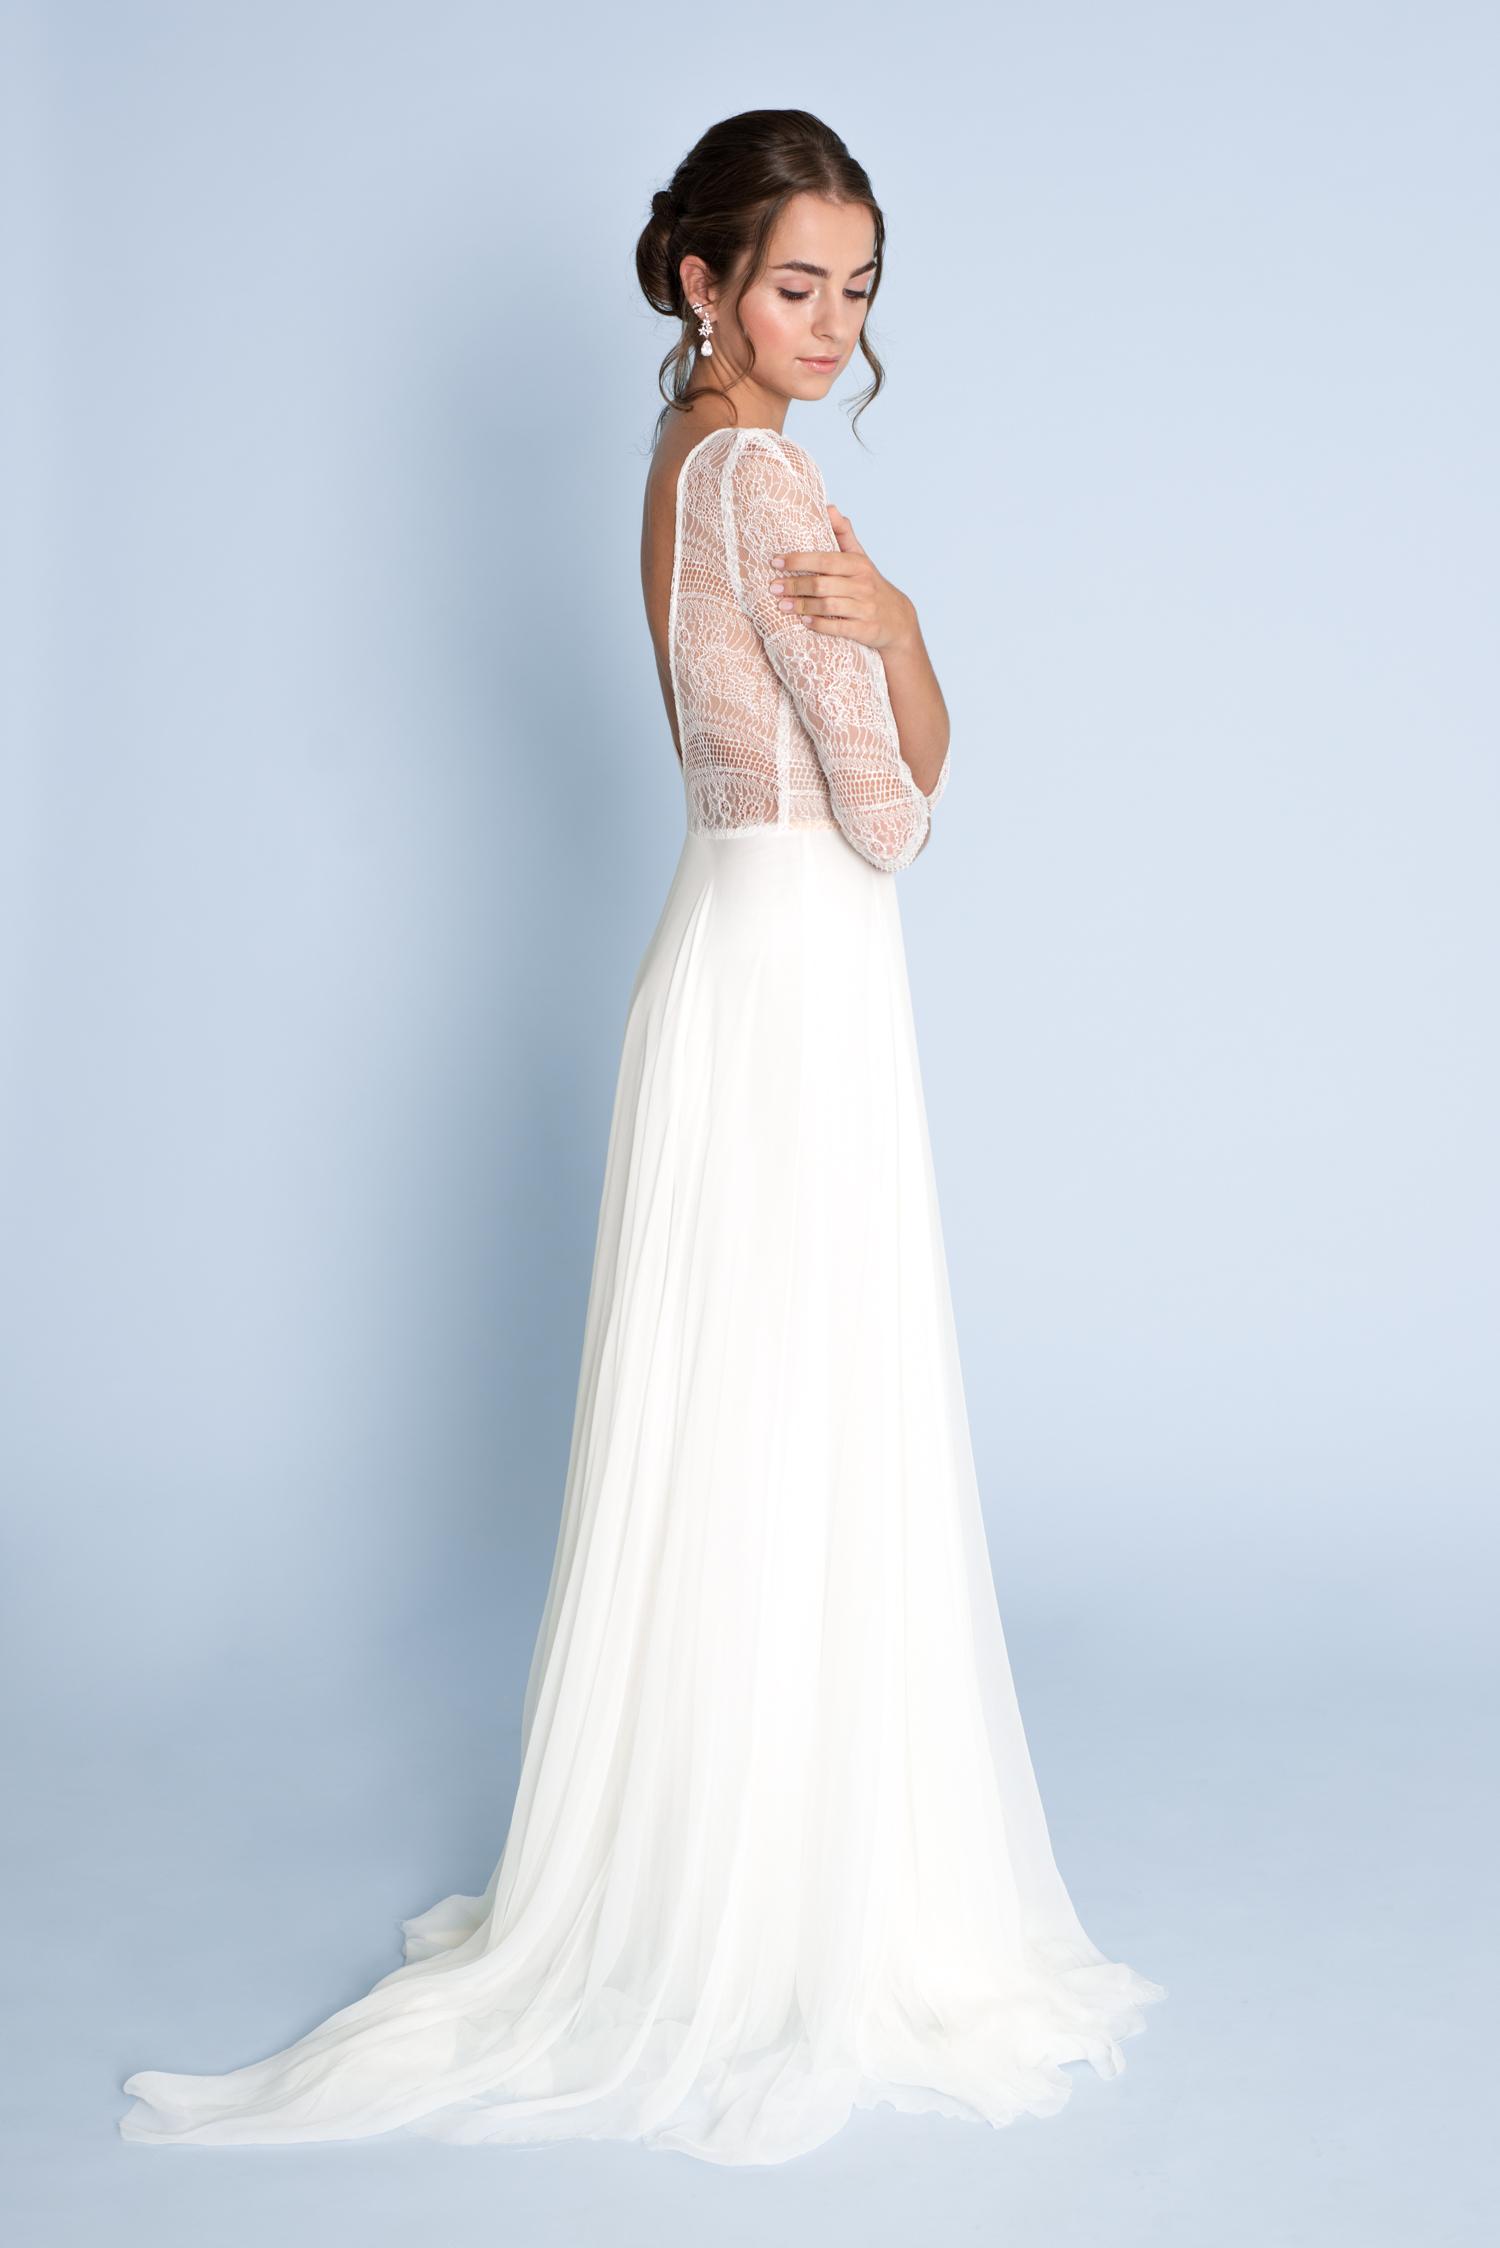 bridal-fashion-photographer-austria-brautmode-fotografin-__sterreich-wien-17 Brautmode Fotografie Linz   Hochzeitsfotograf in Oberösterreich